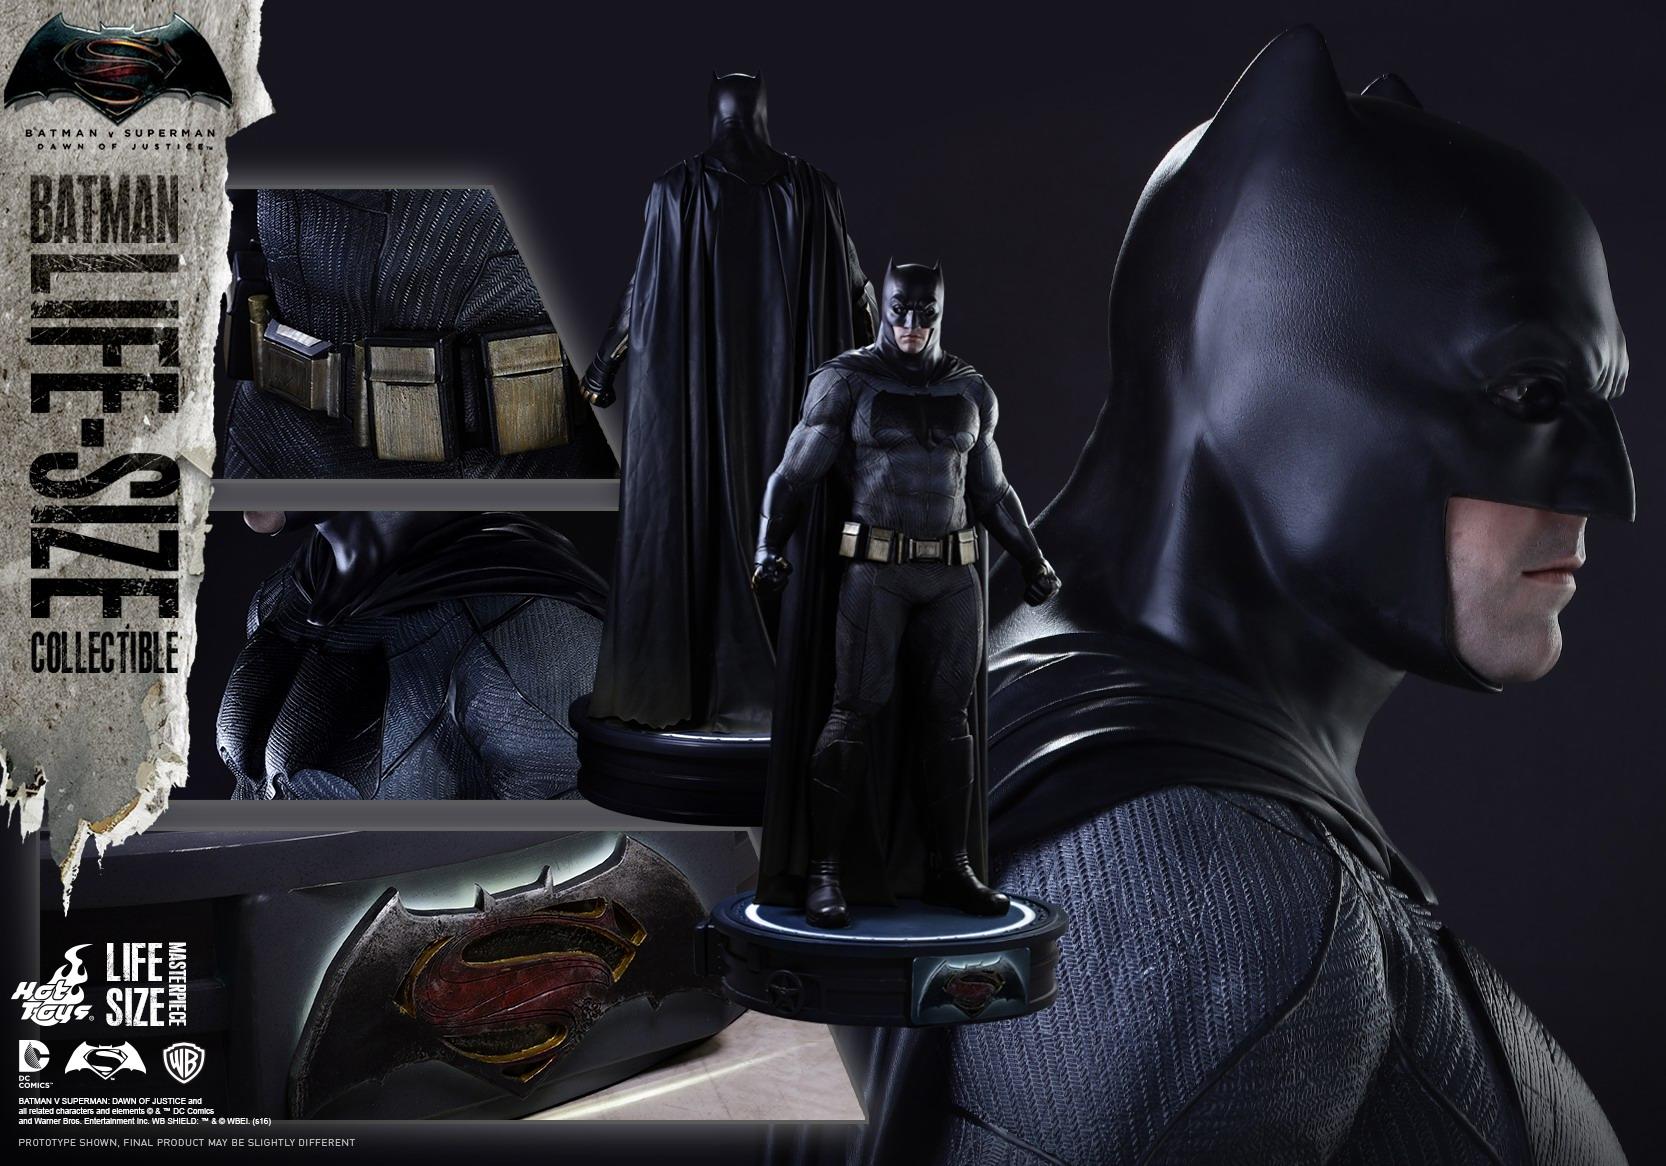 Hot Toys 蝙蝠侠大战超人 正义黎明 真人比例 蝙蝠侠普通版 雕像 LMS002 玩家社区 专业的兵人模型论坛